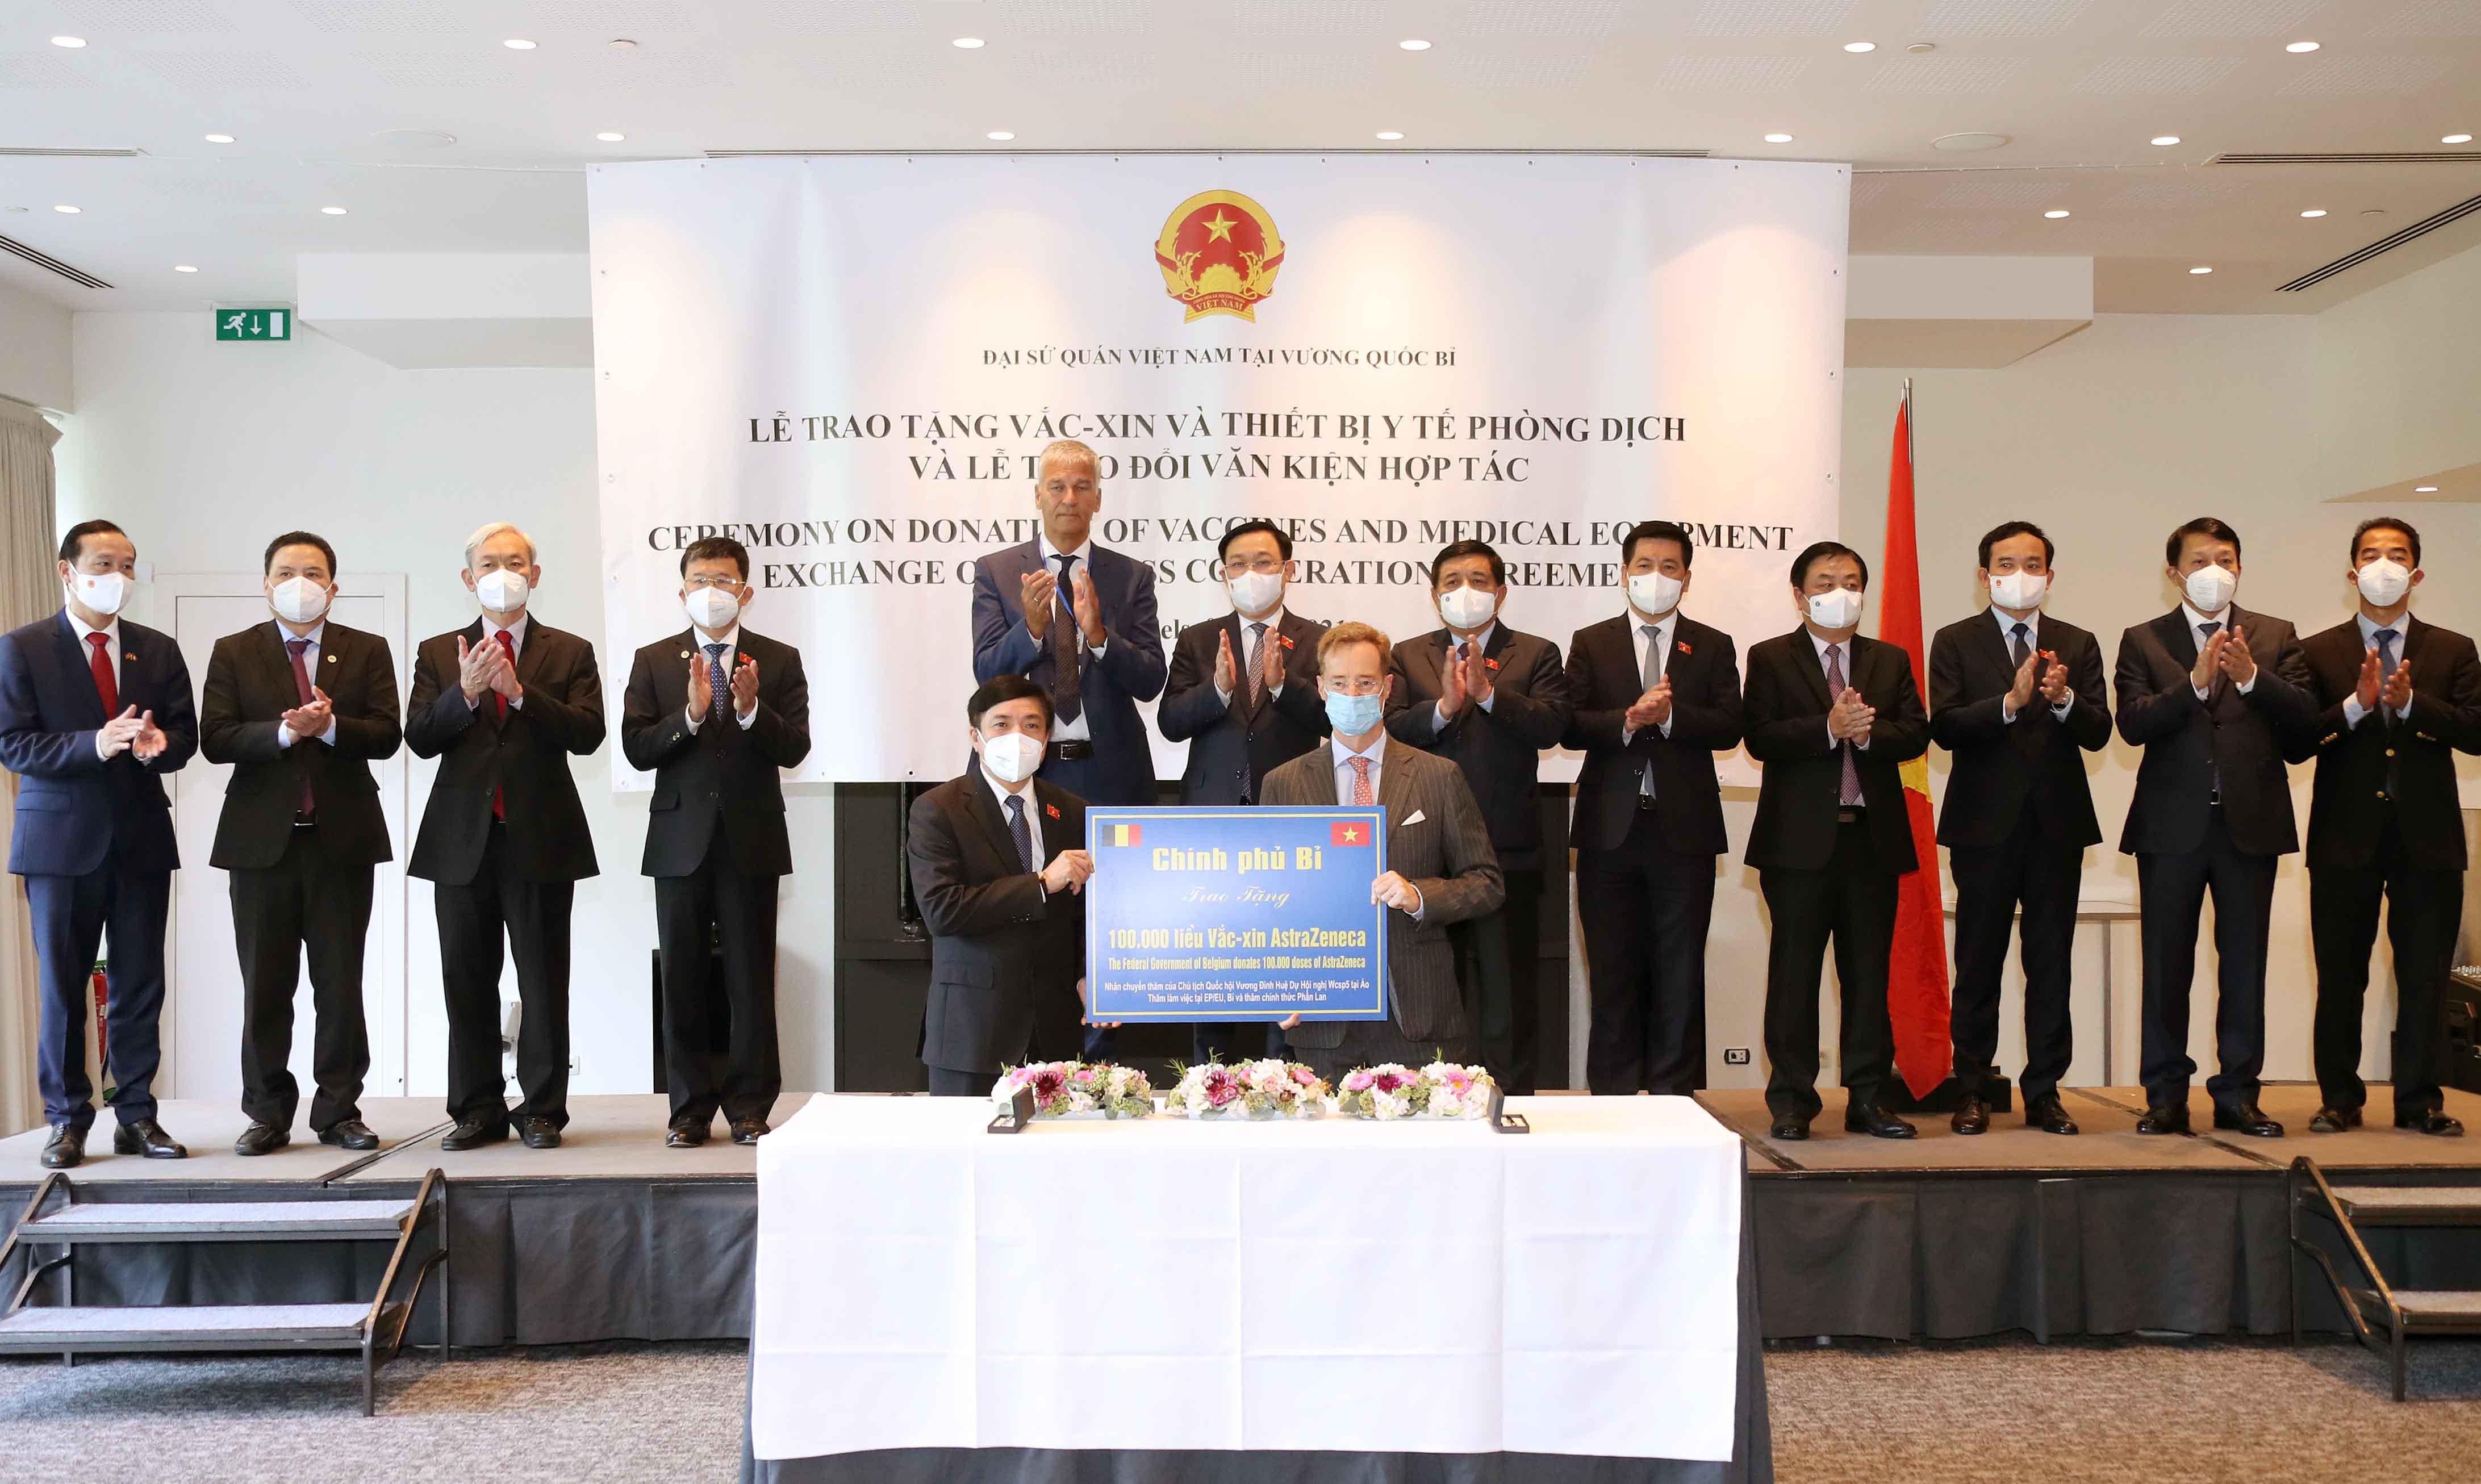 Chuyến đi mang về hàng chục tỉ USD và tầm nhìn chiến lược của Chủ tịch Quốc hội Vương Đình Huệ - Ảnh 7